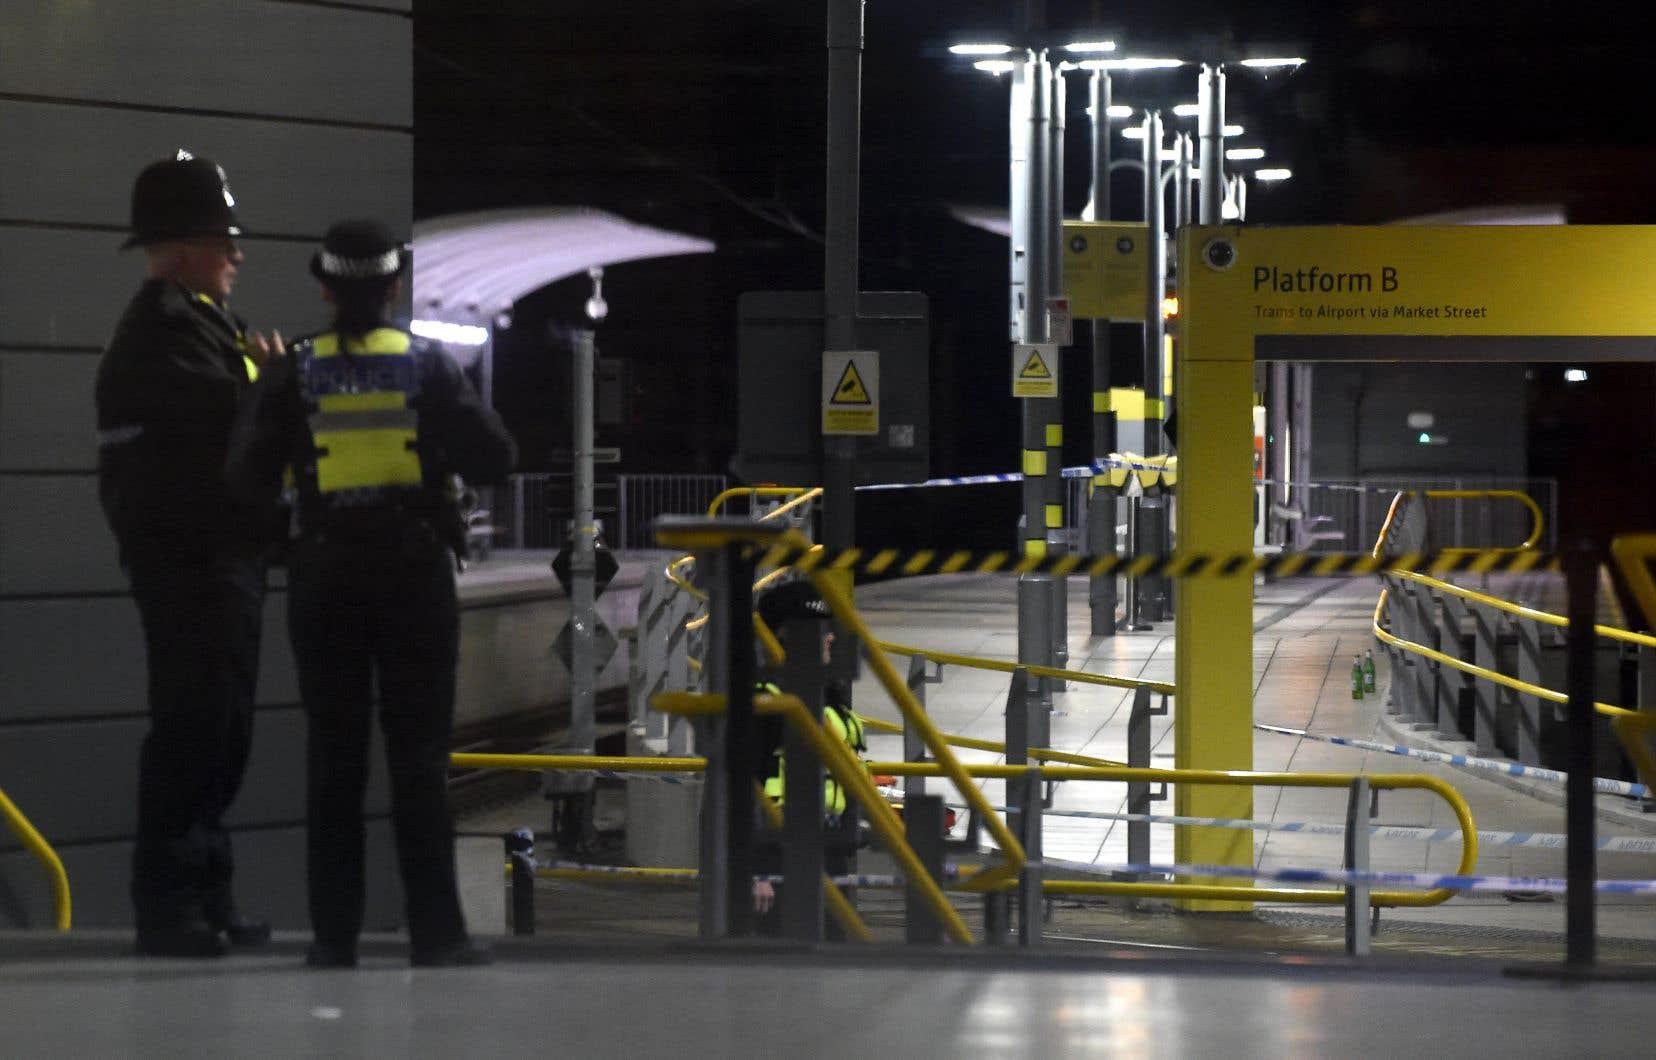 Après l'arrestation de l'agresseur, des policiers de la BTP restaient déployés dans la gare, ainsi que d'autres agents de la police de Manchester et des secouristes.